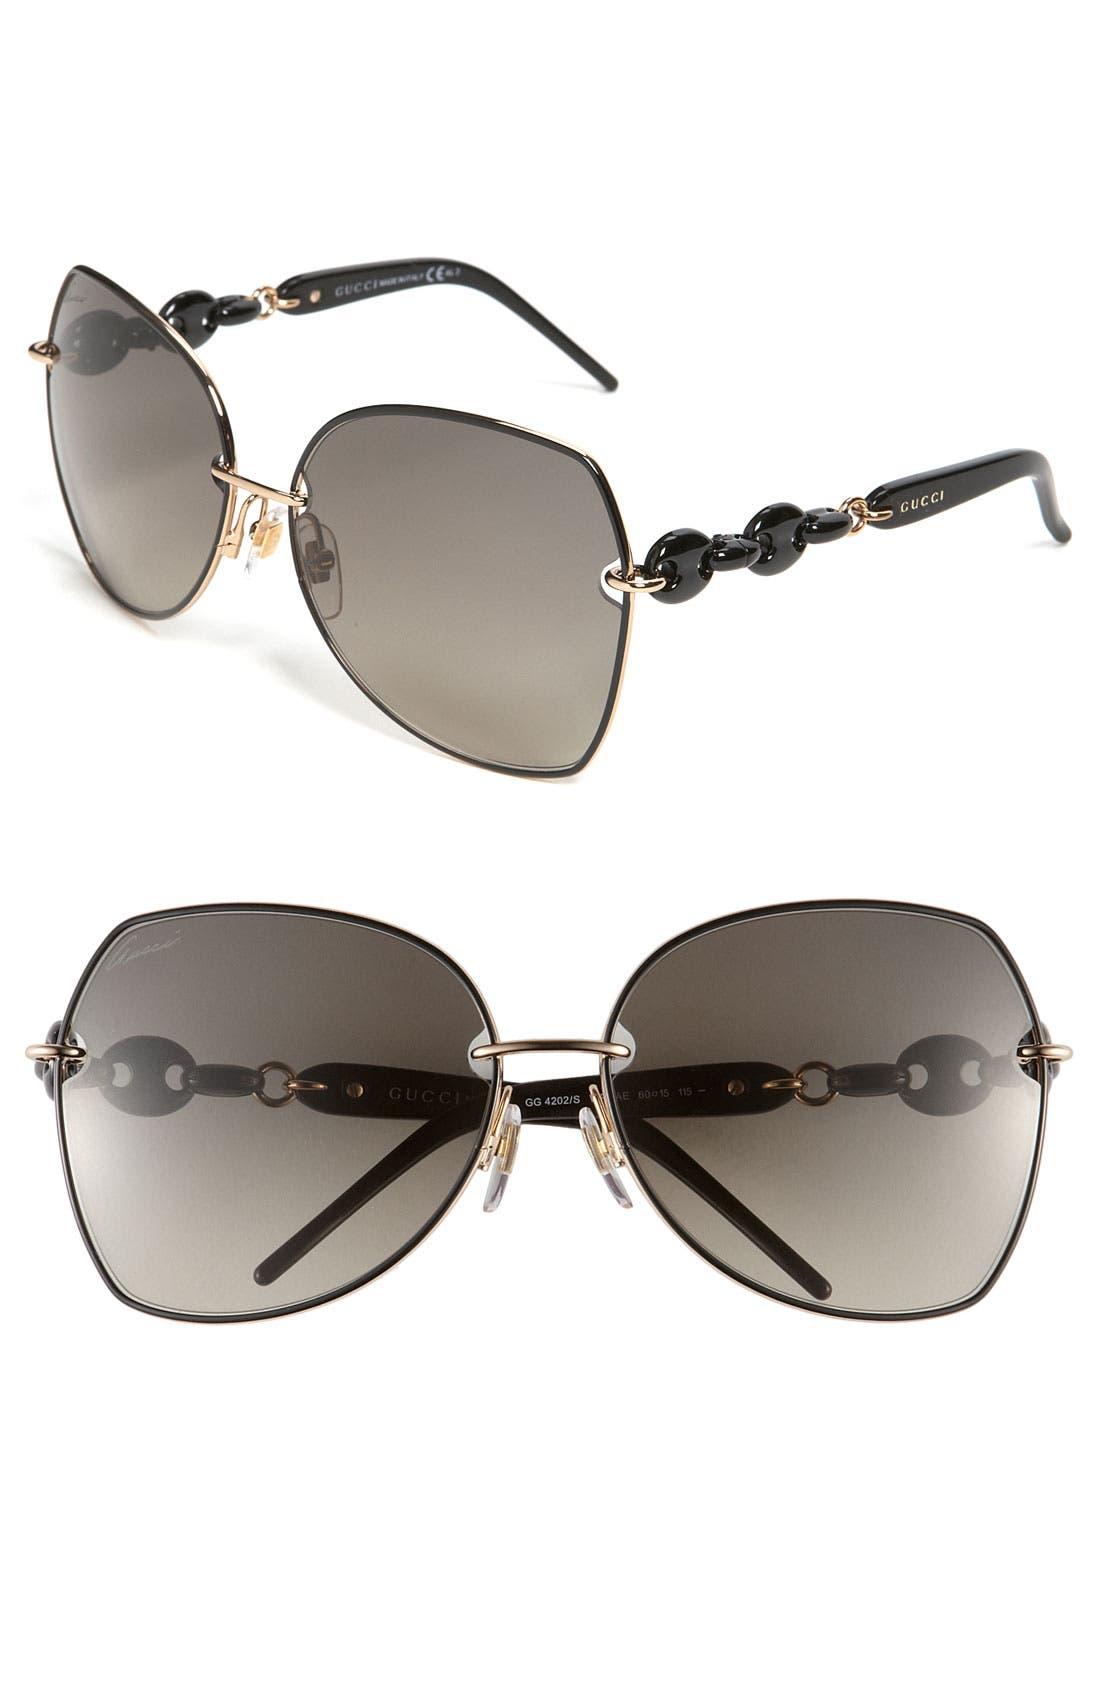 Main Image - Gucci 60mm 'Italian Collection' Retro Sunglasses